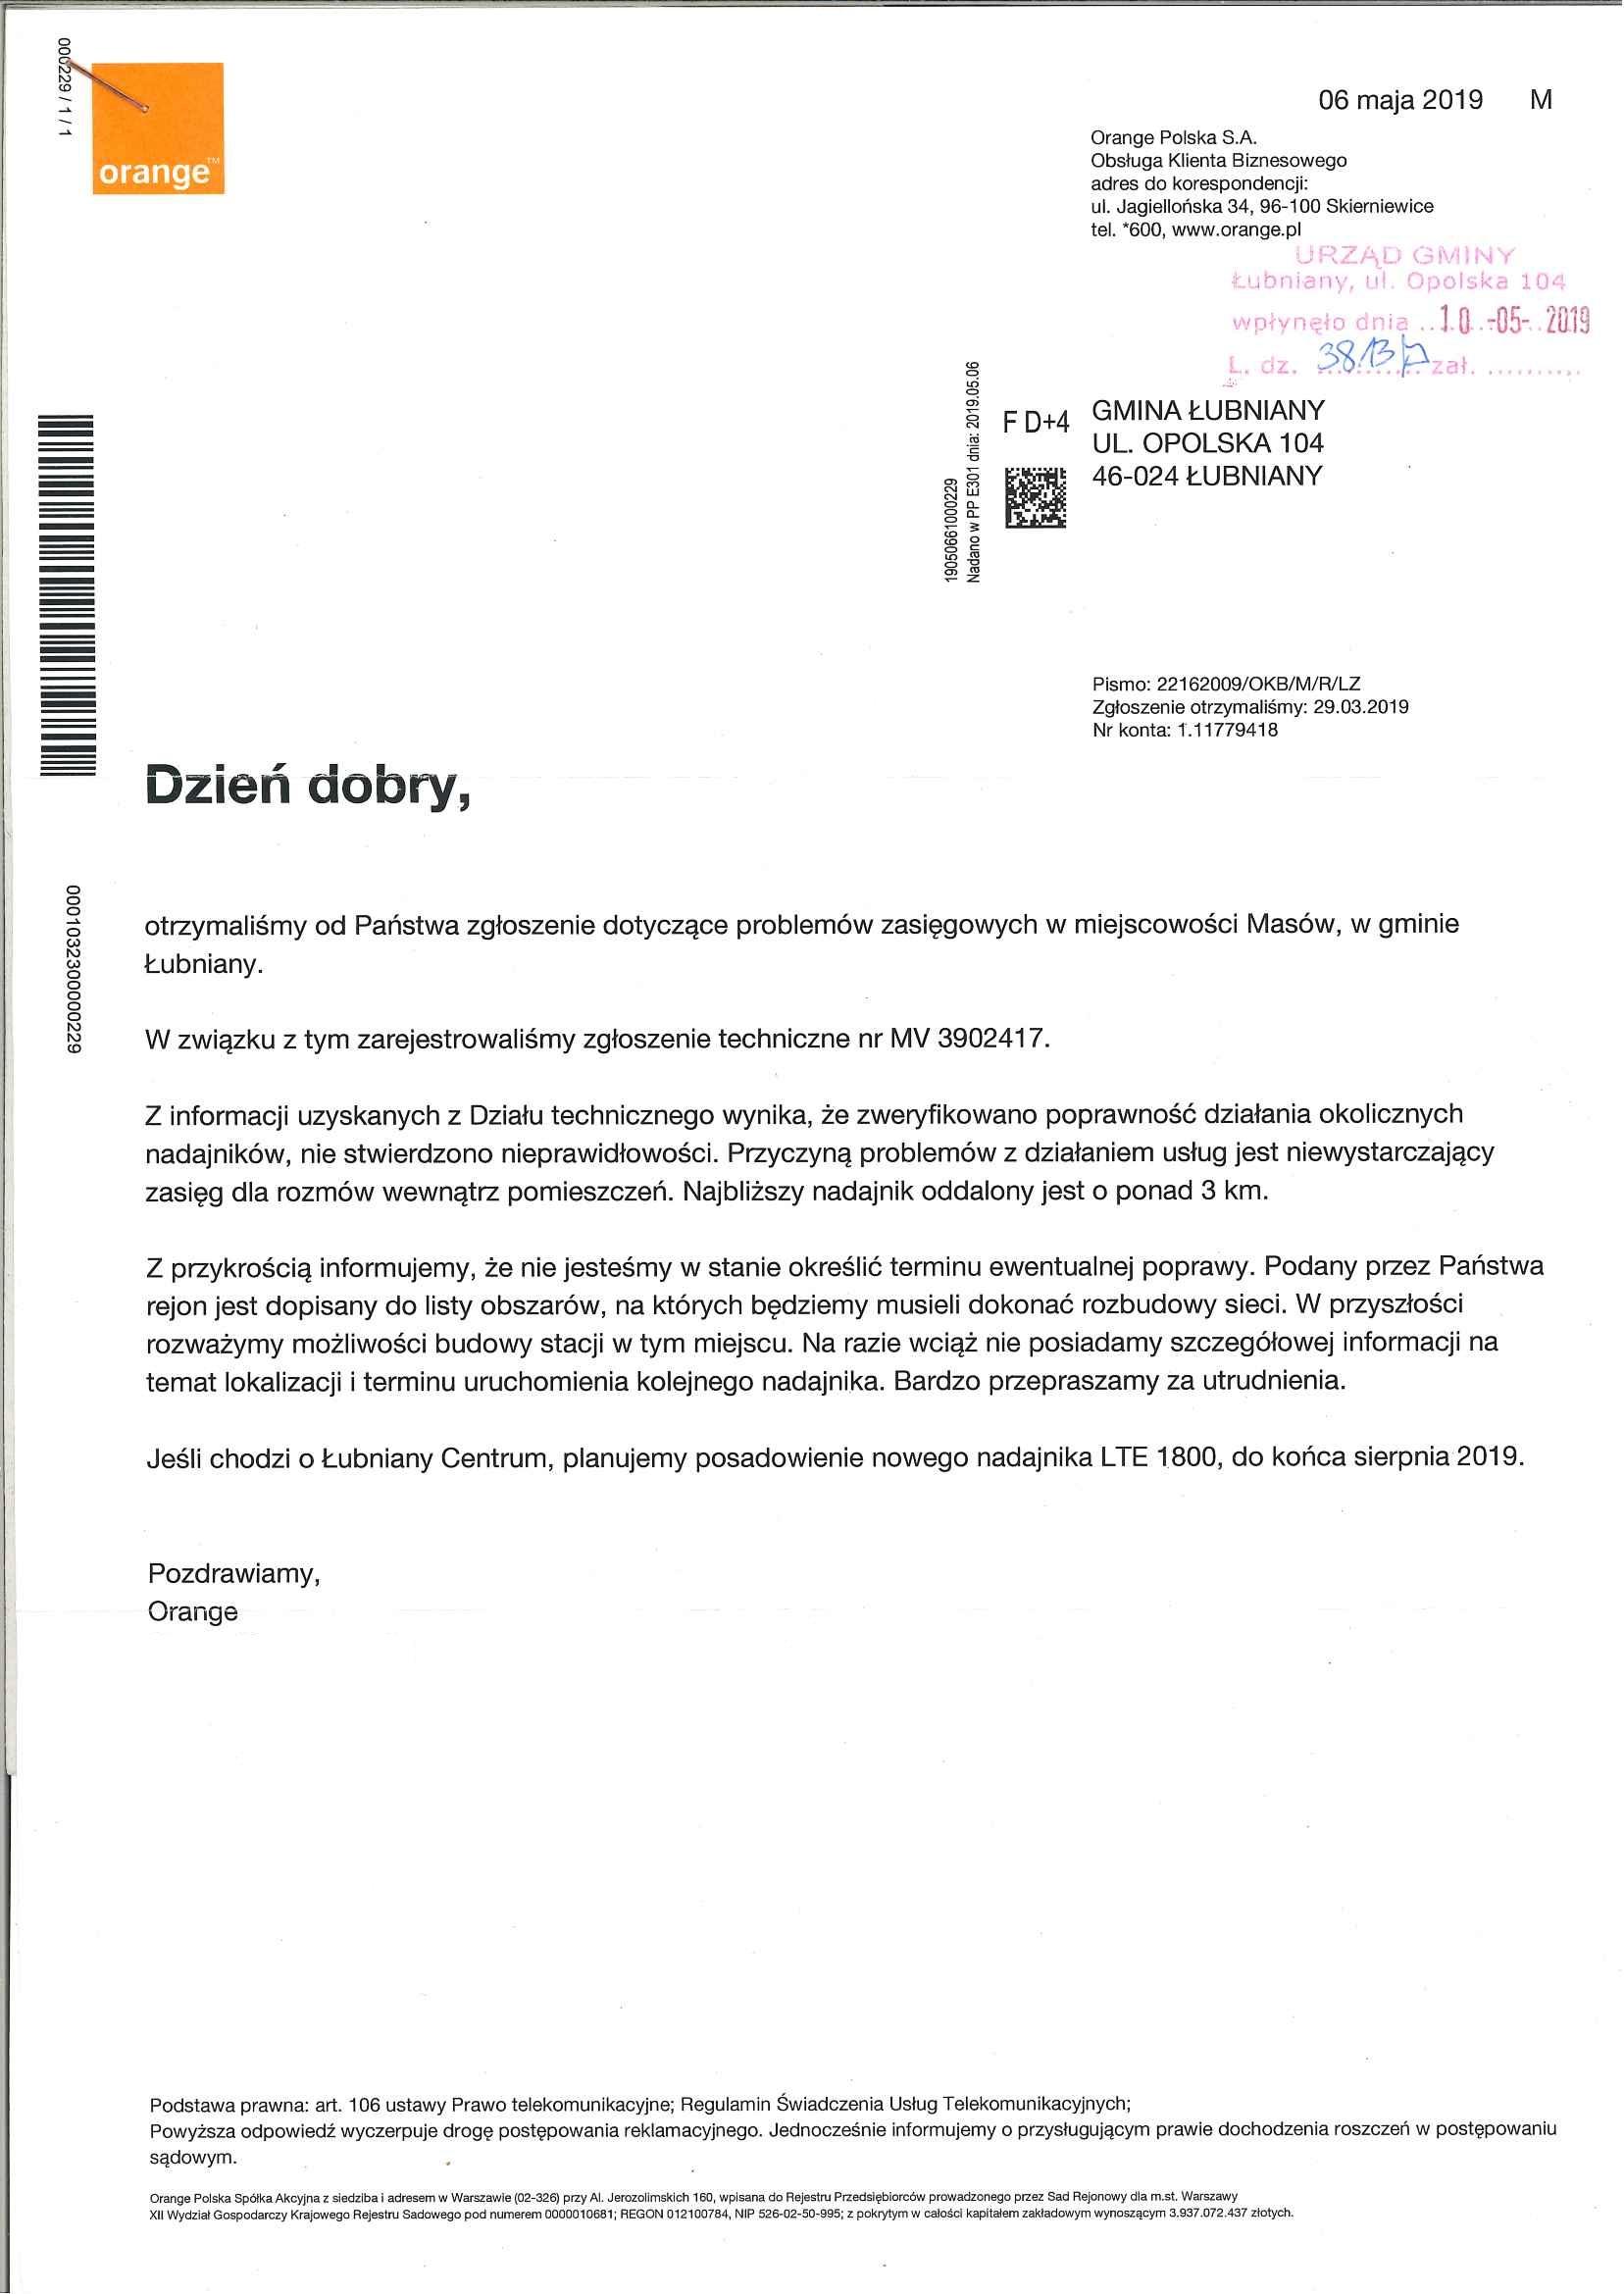 Odpowiedź firmy Orange - problem z zasięgiem w miejscowości Masów